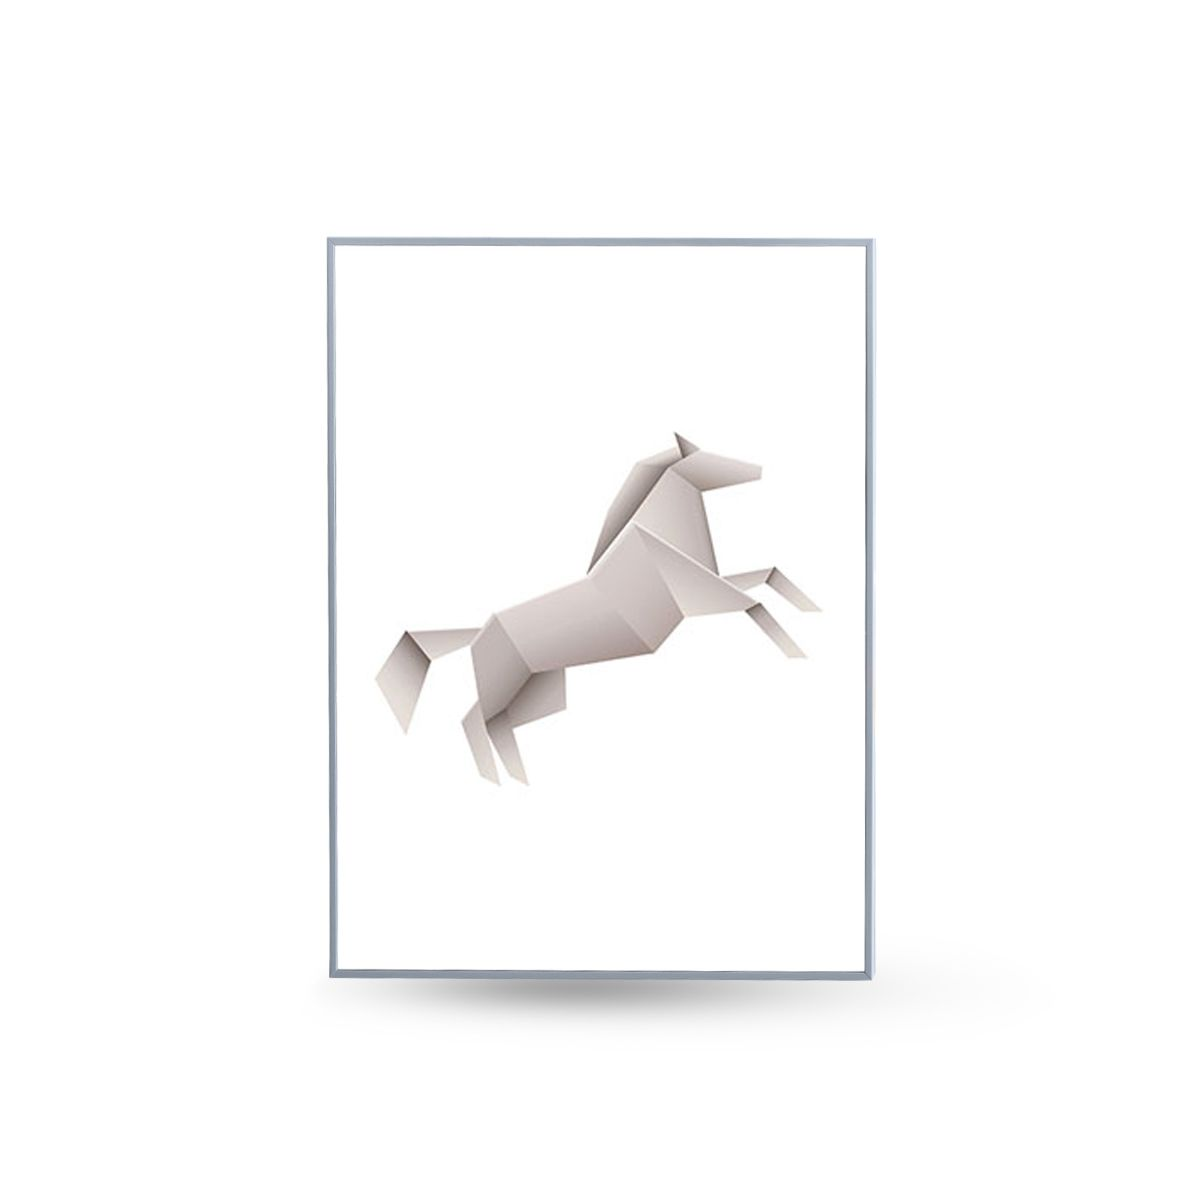 Quadro Decor Coleção Animais Origami Cavalo